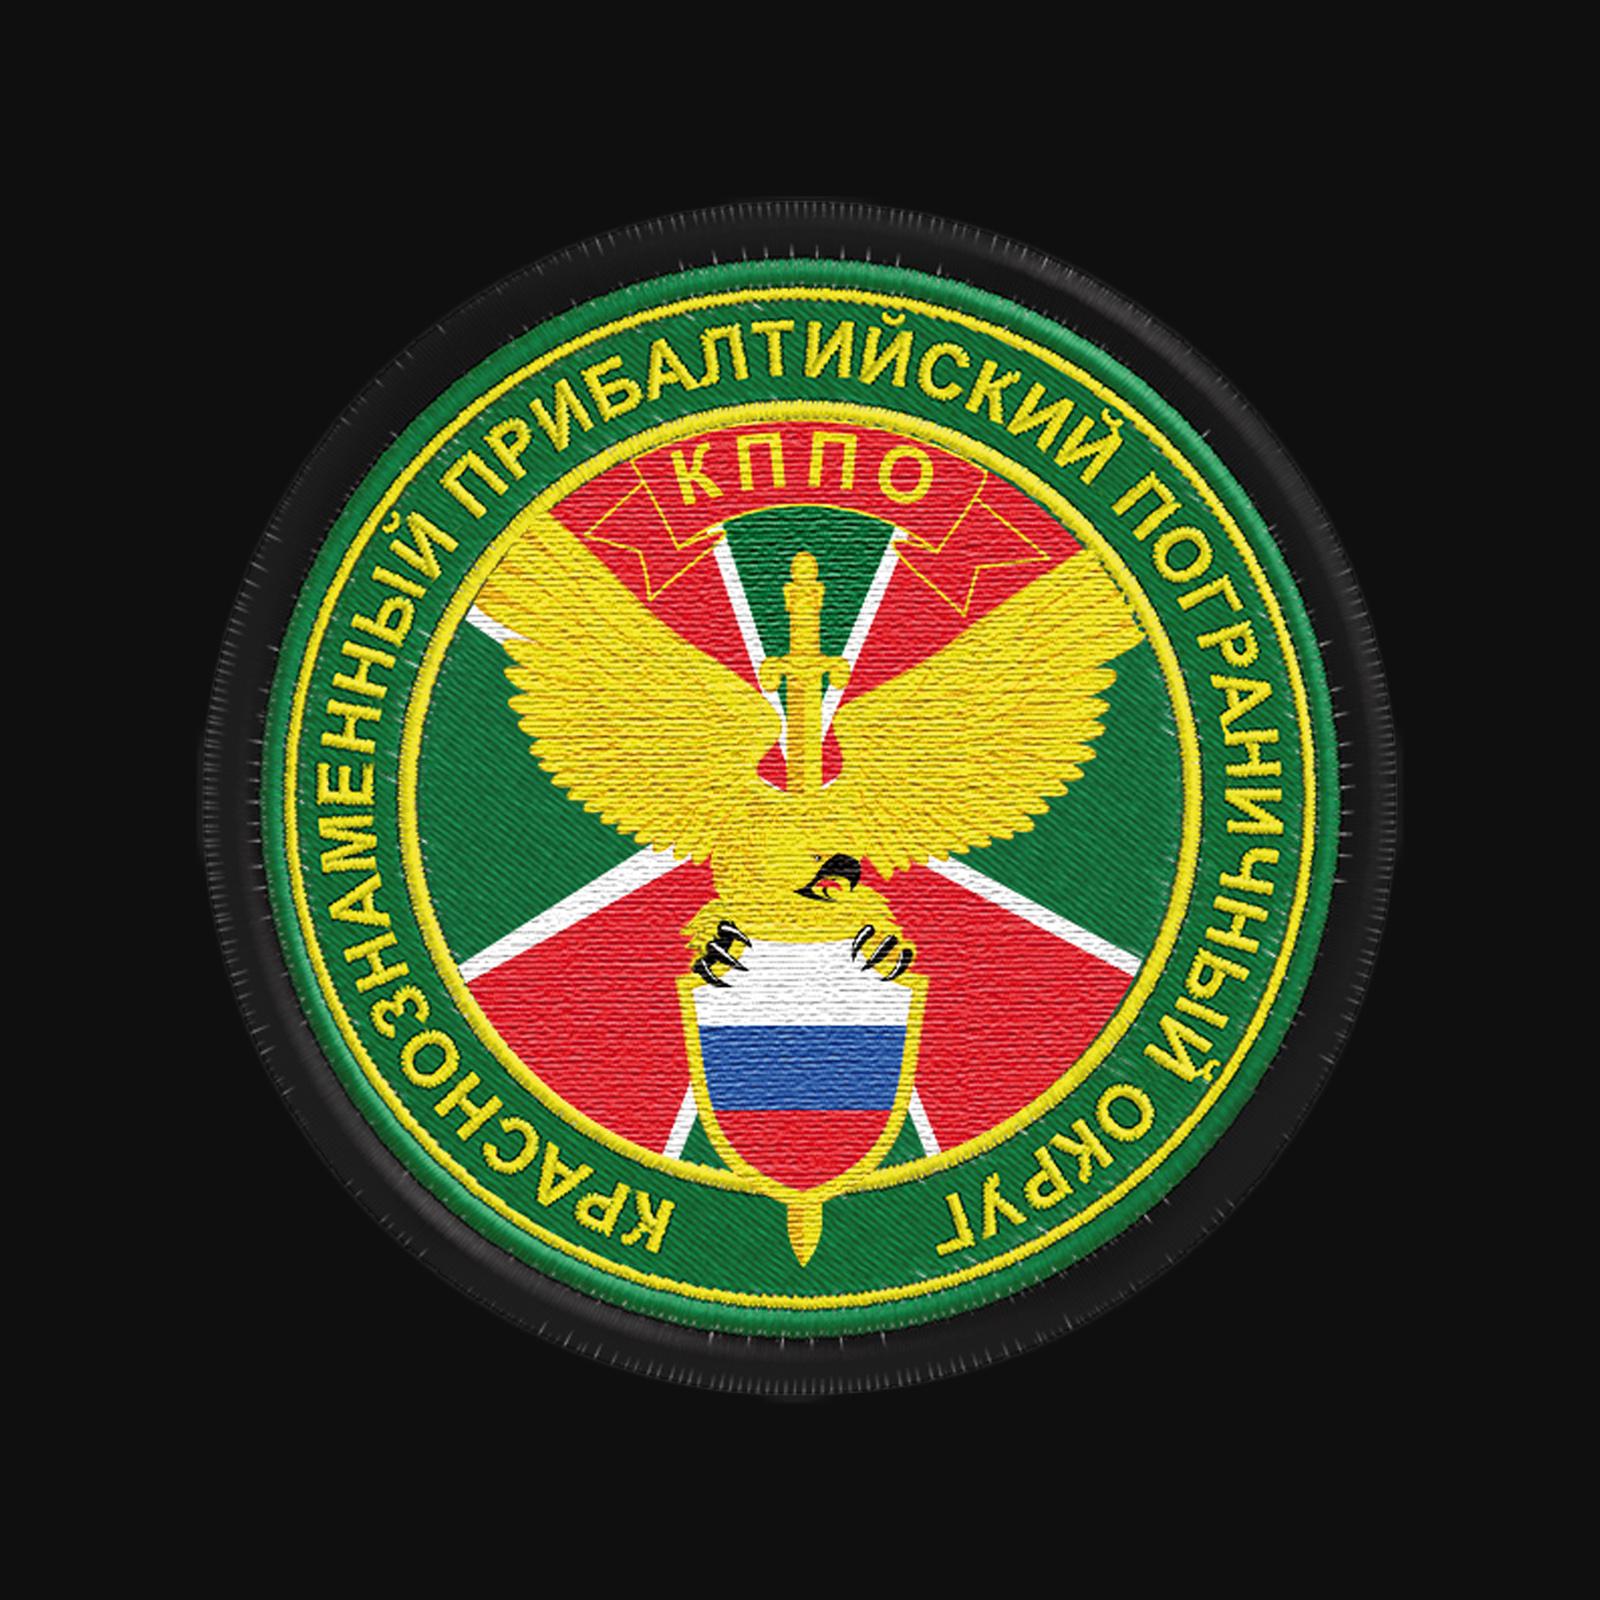 Толстовка Прибалтийский Пограничный Округ